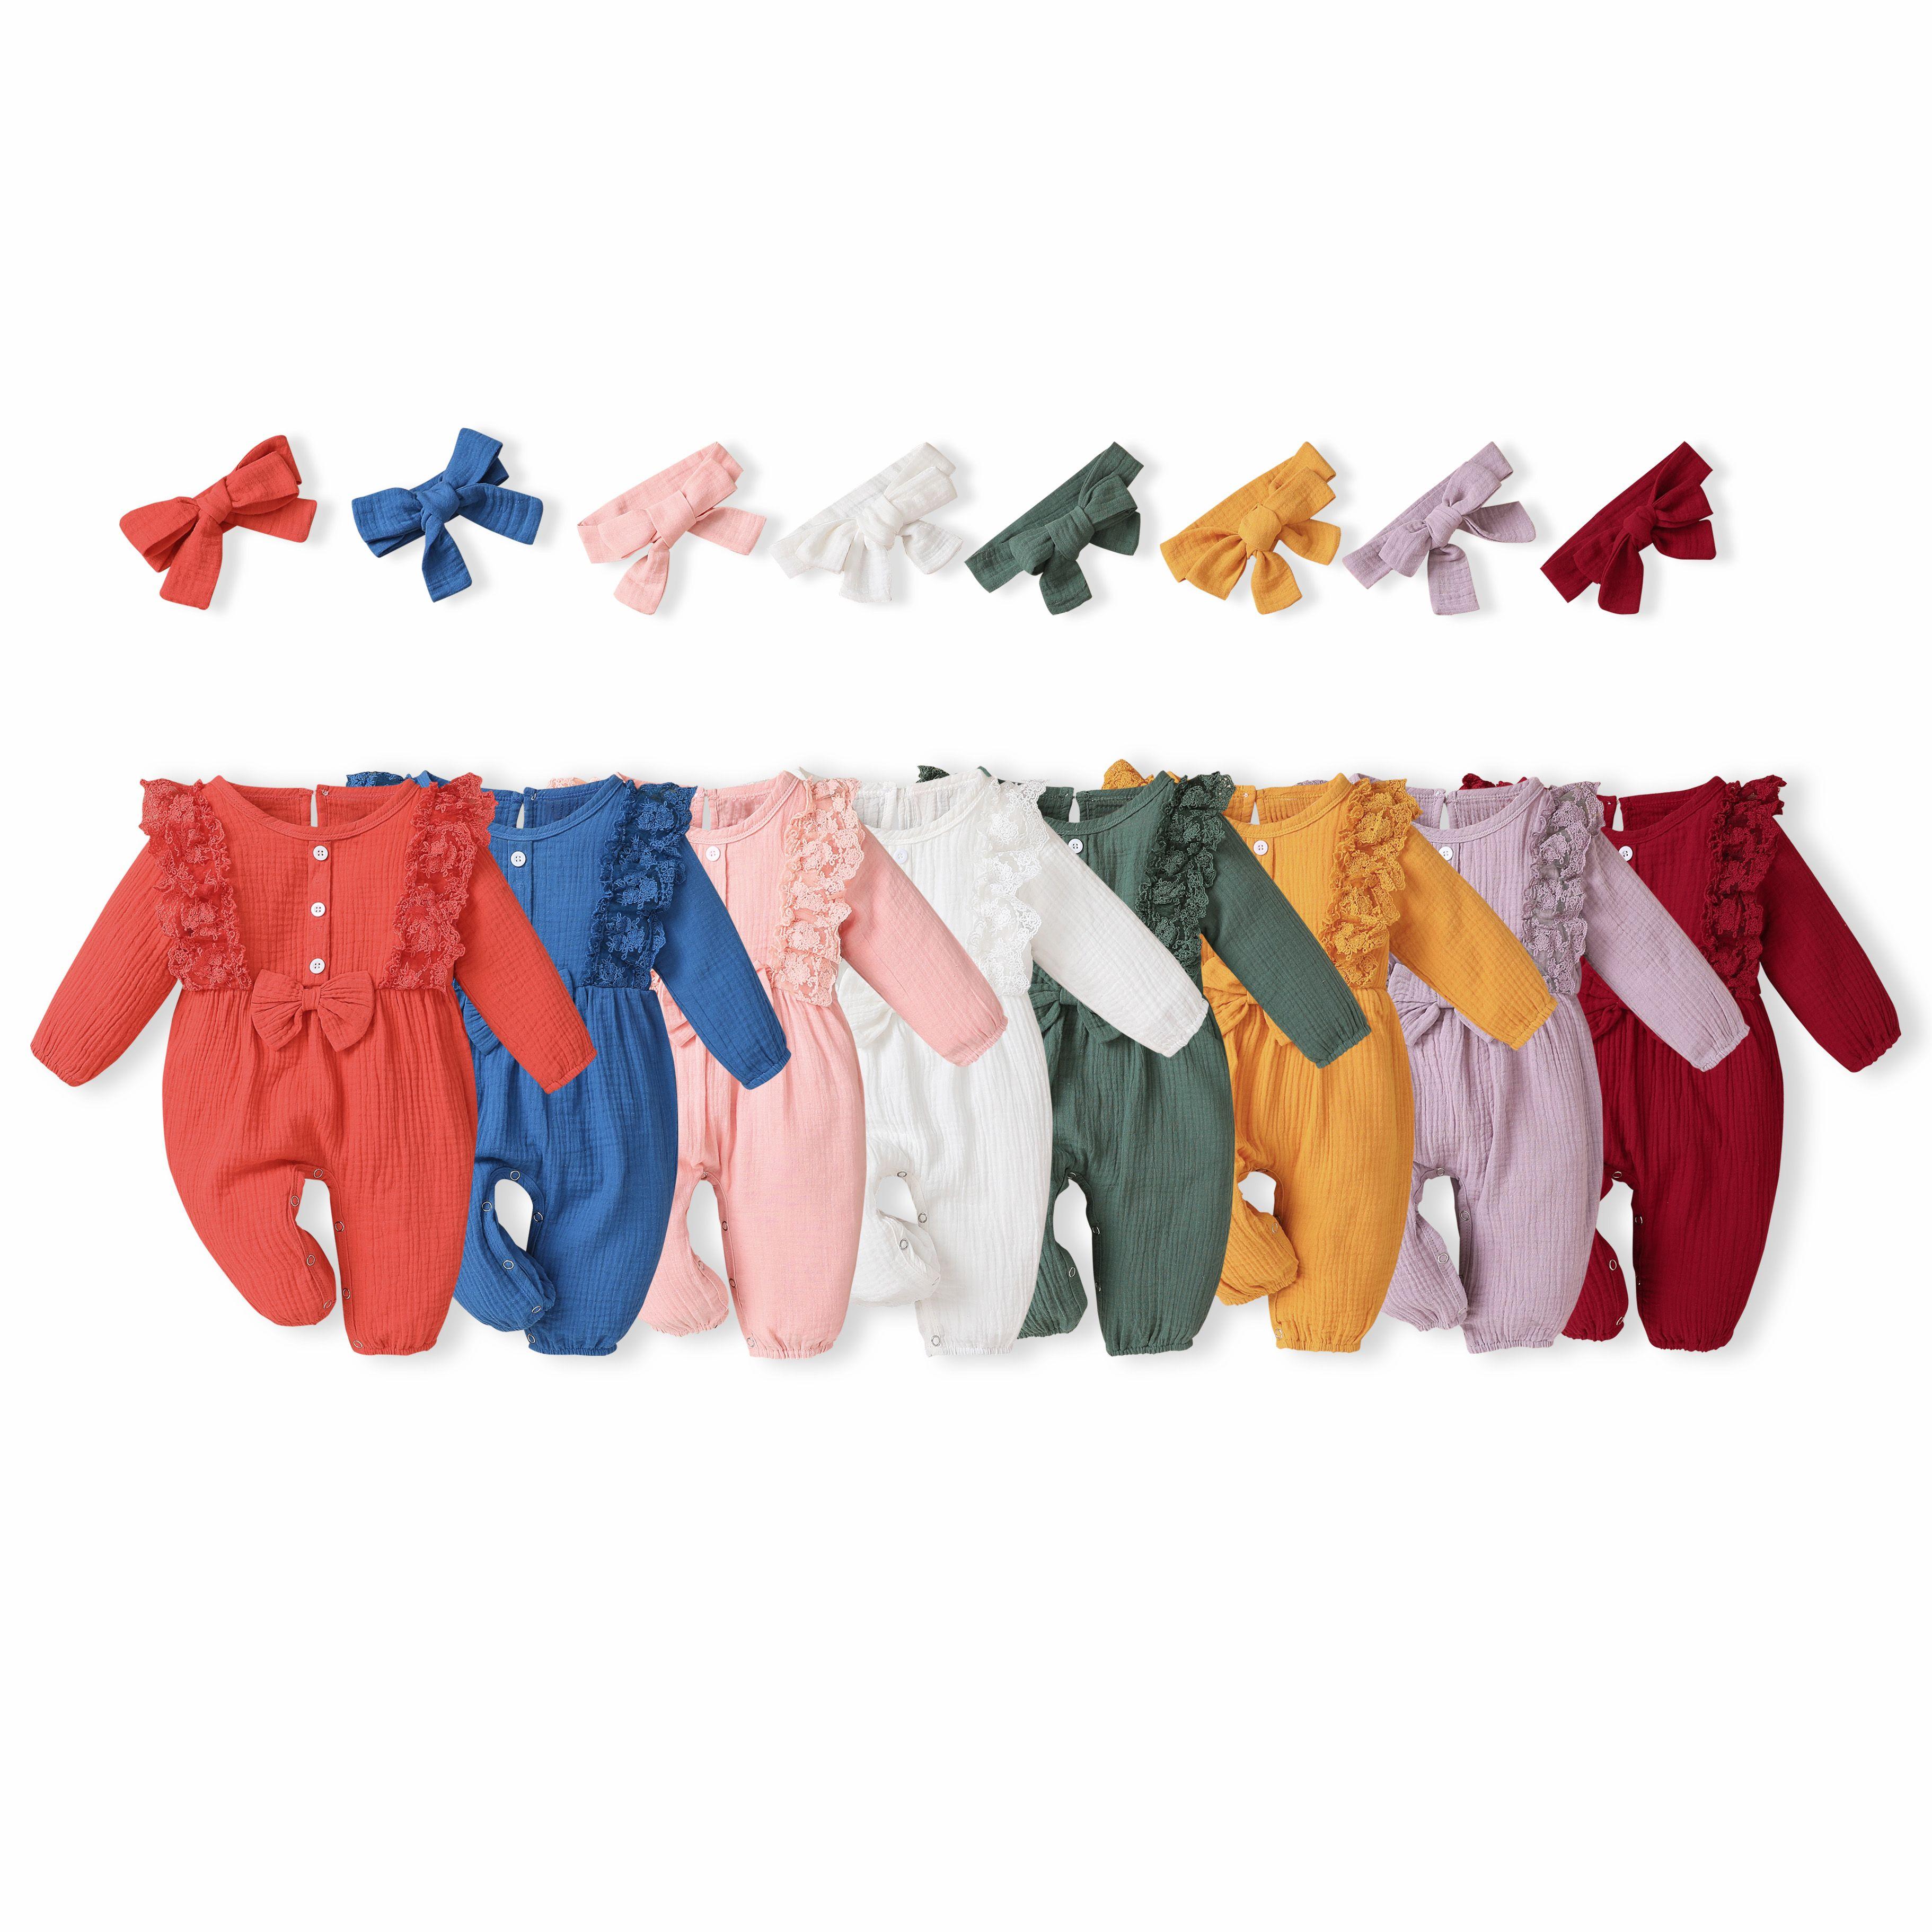 Ins Bebek Çocuk Giyim Kız Romper O-Boyun Uzun Kollu Dantel Tasarım Katı Renk Romper + Kafa Bebek Basit 100% CottonRomper Set